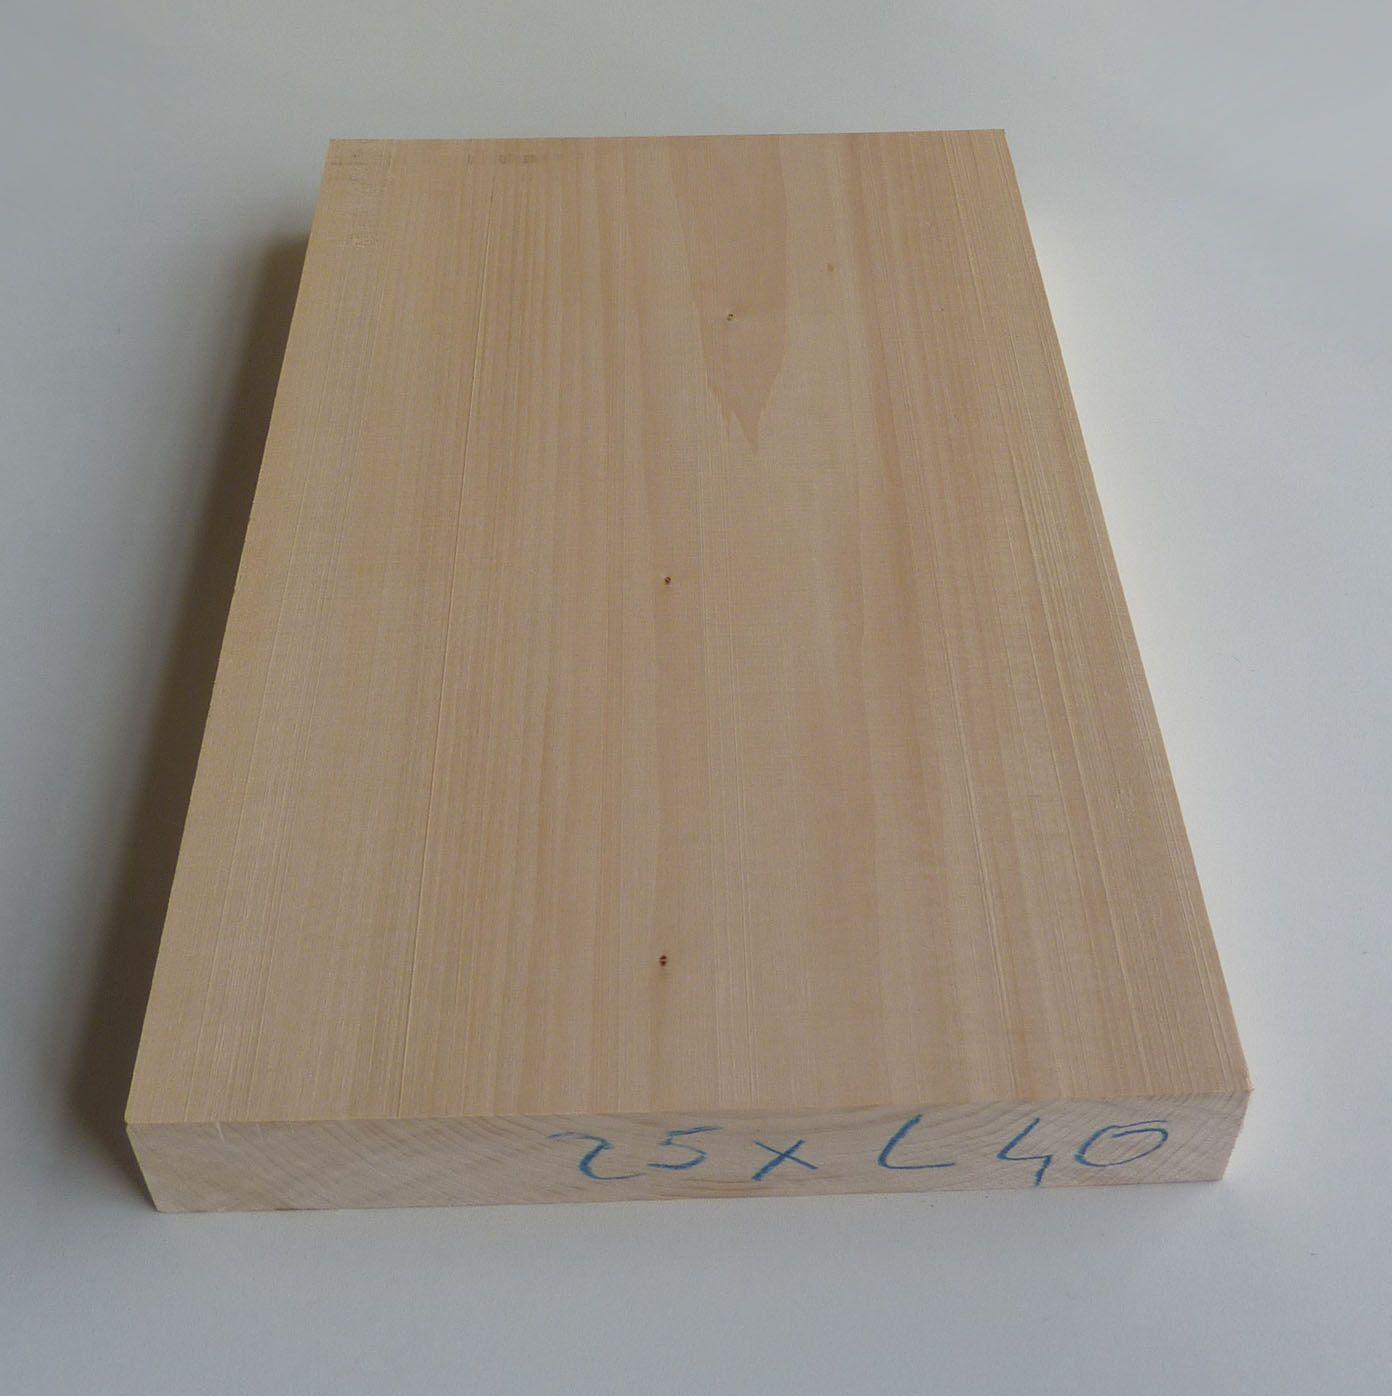 bloc massif en tilleul pour sculpture de hauteur 30cm l 39 empreinte du bois. Black Bedroom Furniture Sets. Home Design Ideas